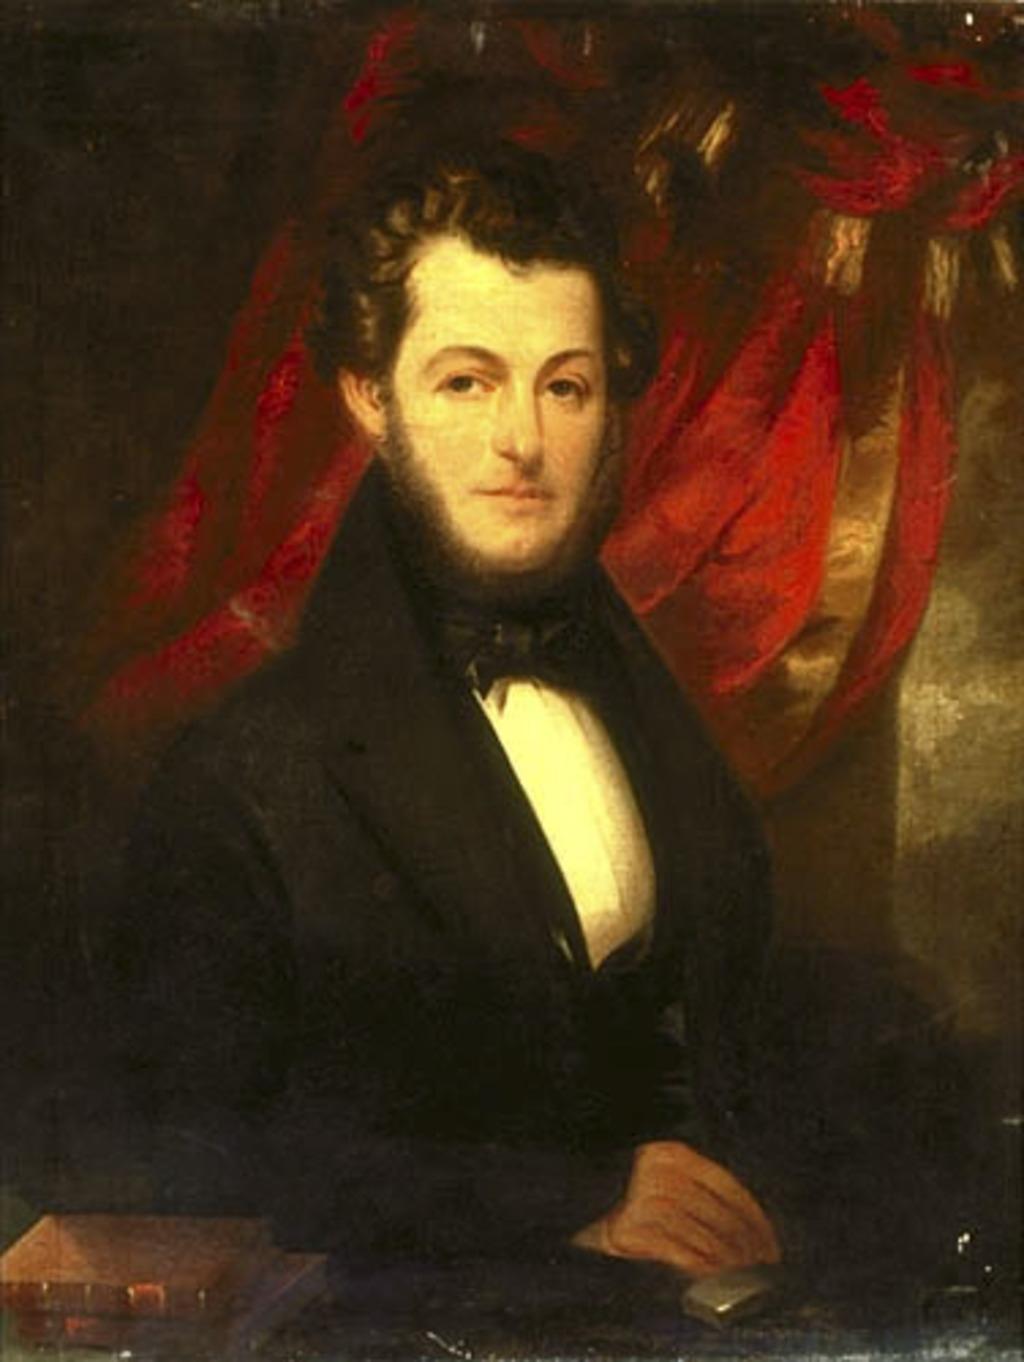 Joseph-Charles Boulanger